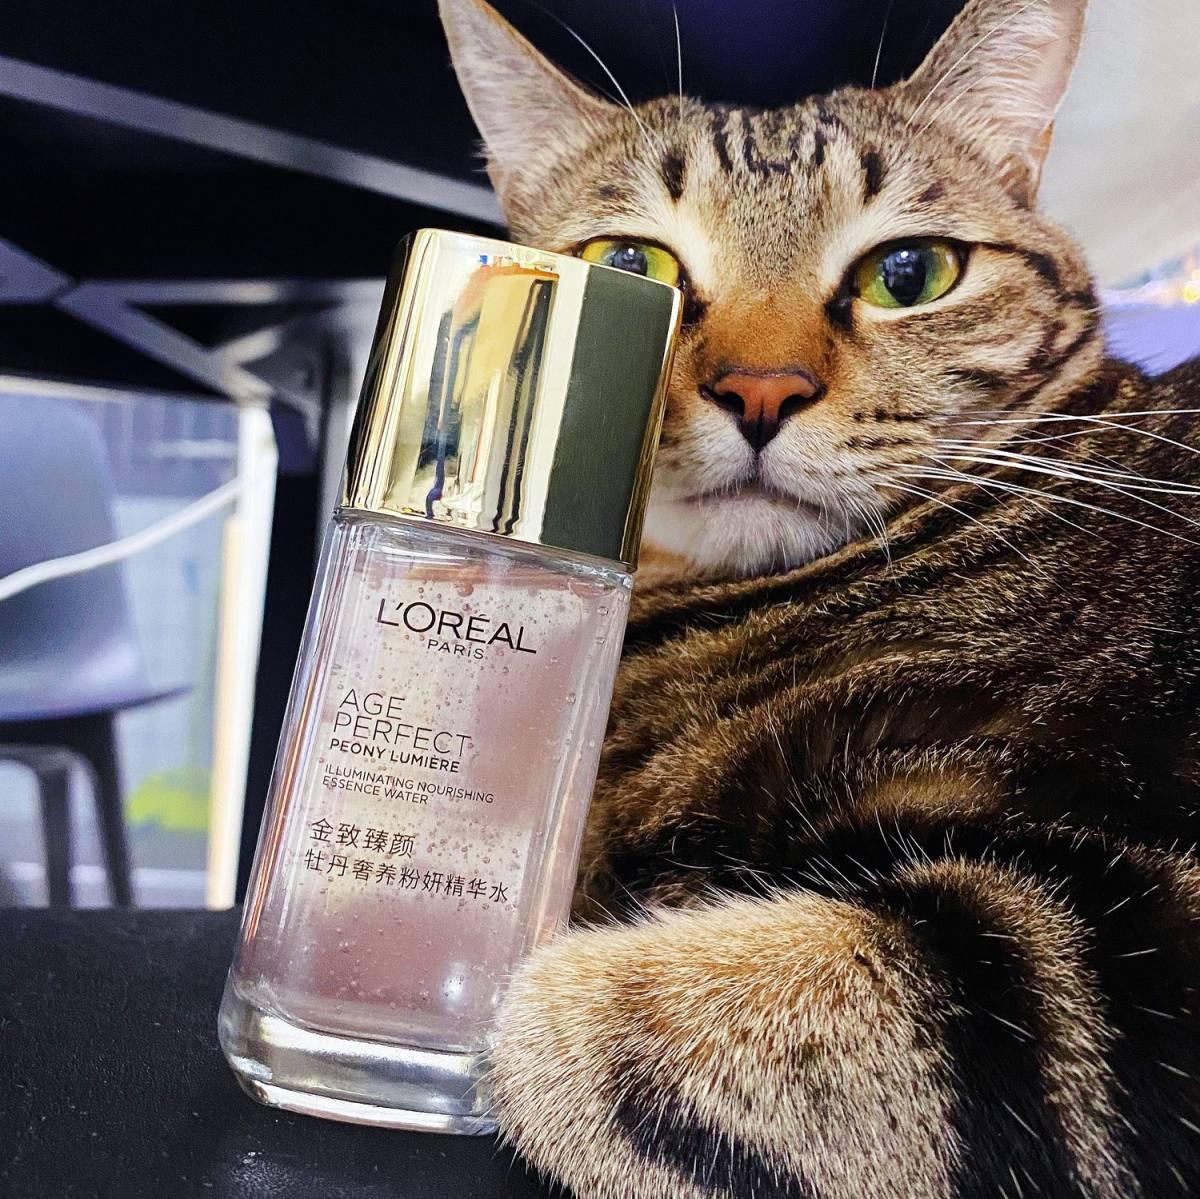 推荐这款欧莱雅的粉妍精华水 这个颜值真的绝了好吗!! 顺手薅